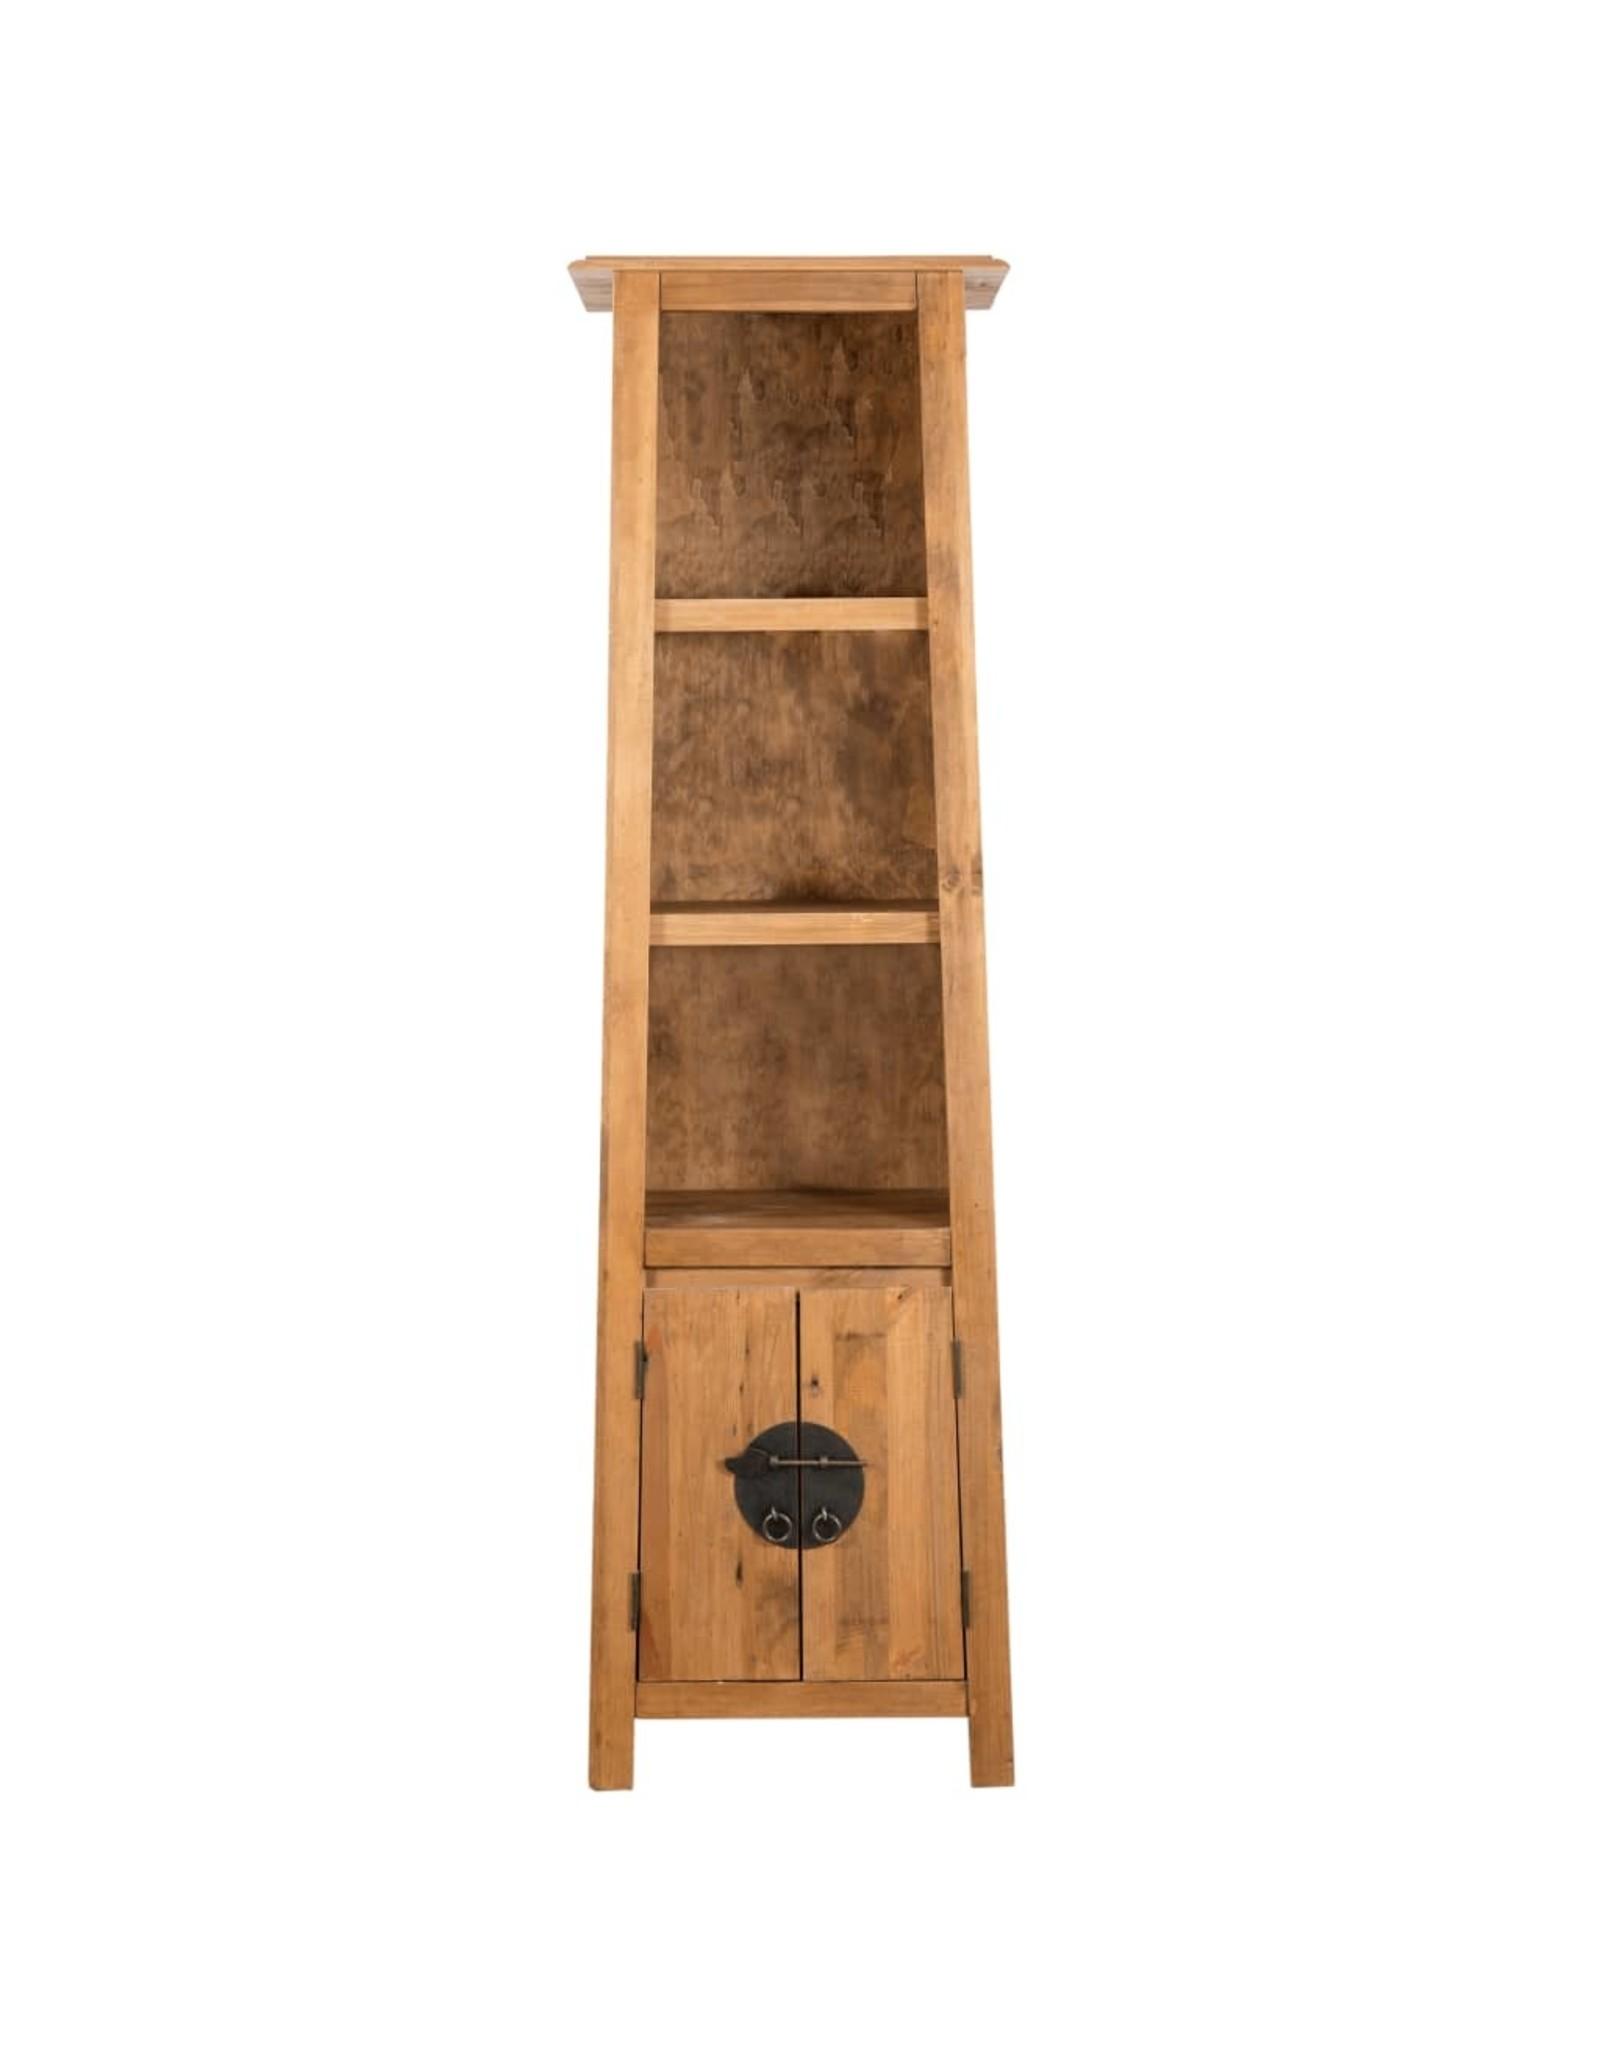 Badkamerkast vrijstaand 48x32x170 cm gerecycled grenenhout